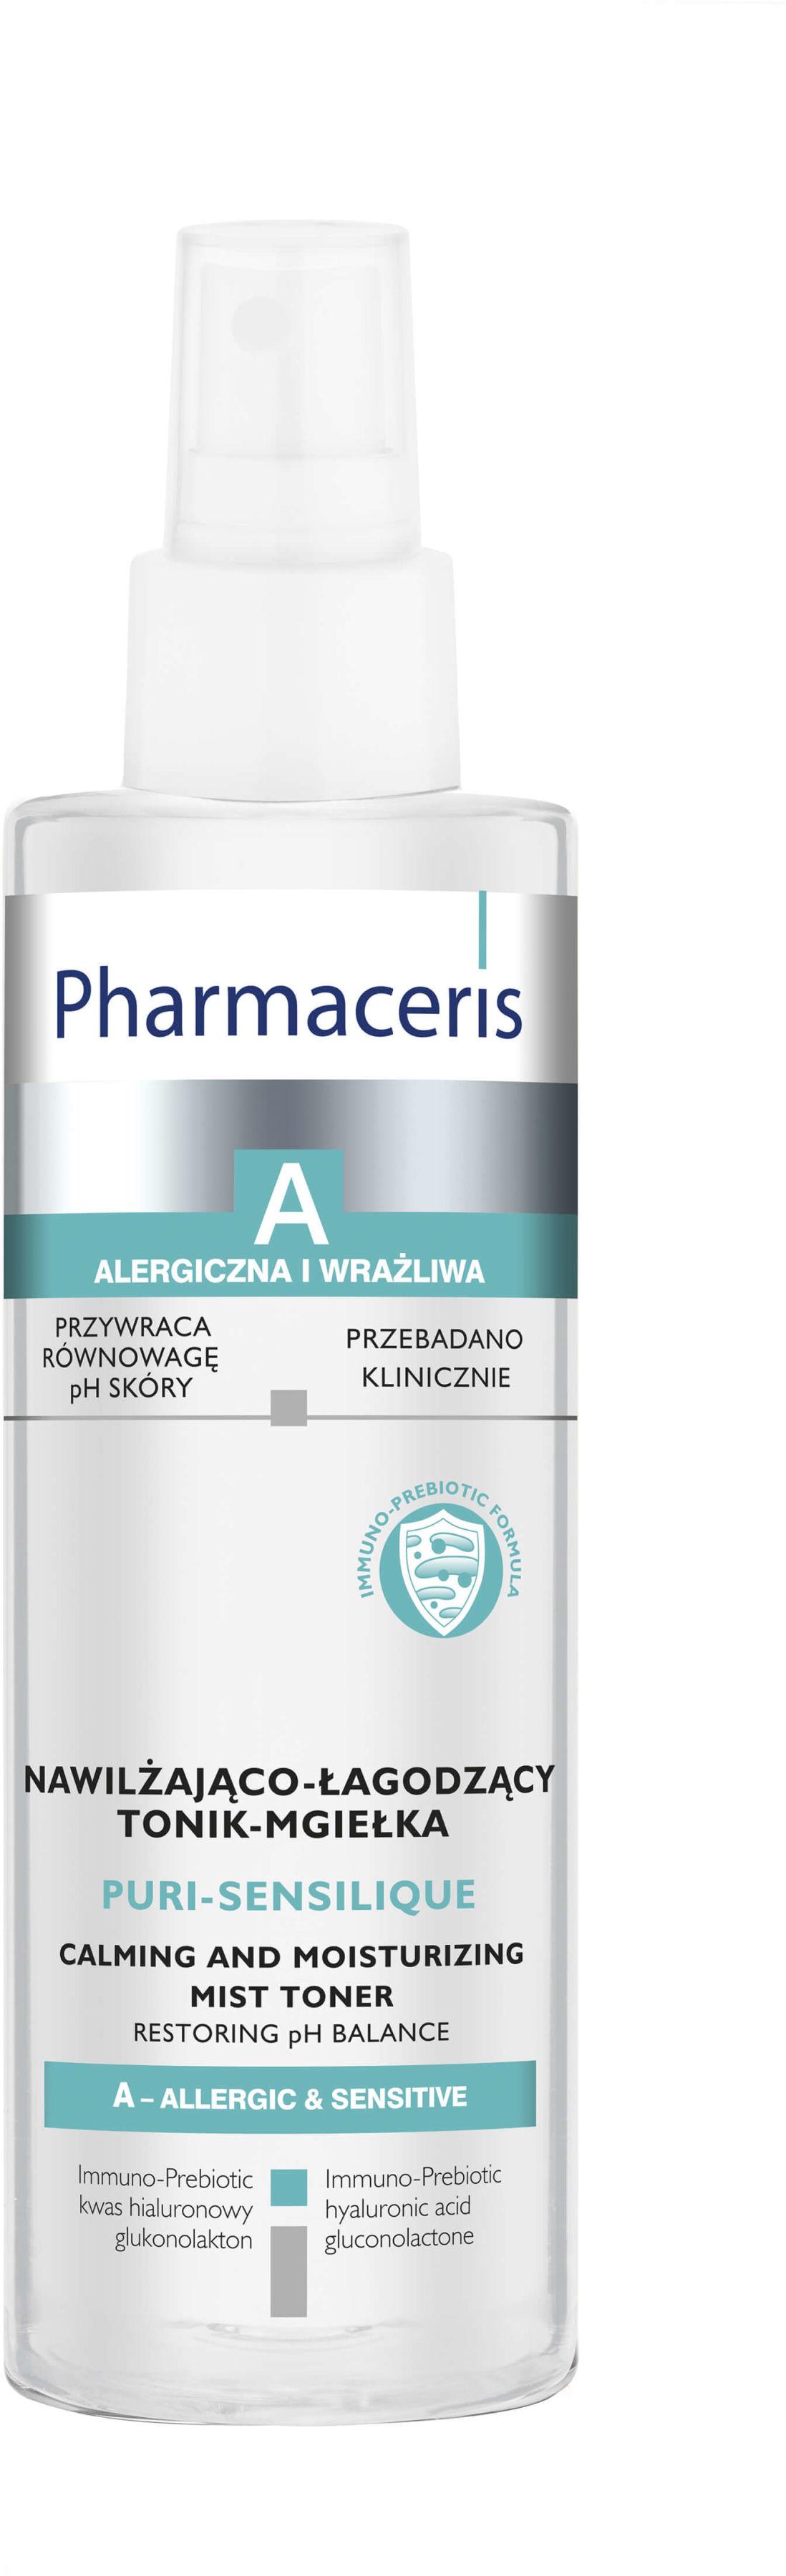 Pharmaceris A puri-sensilique nawilżająco-łagodzący tonik-mgiełka 200 ml